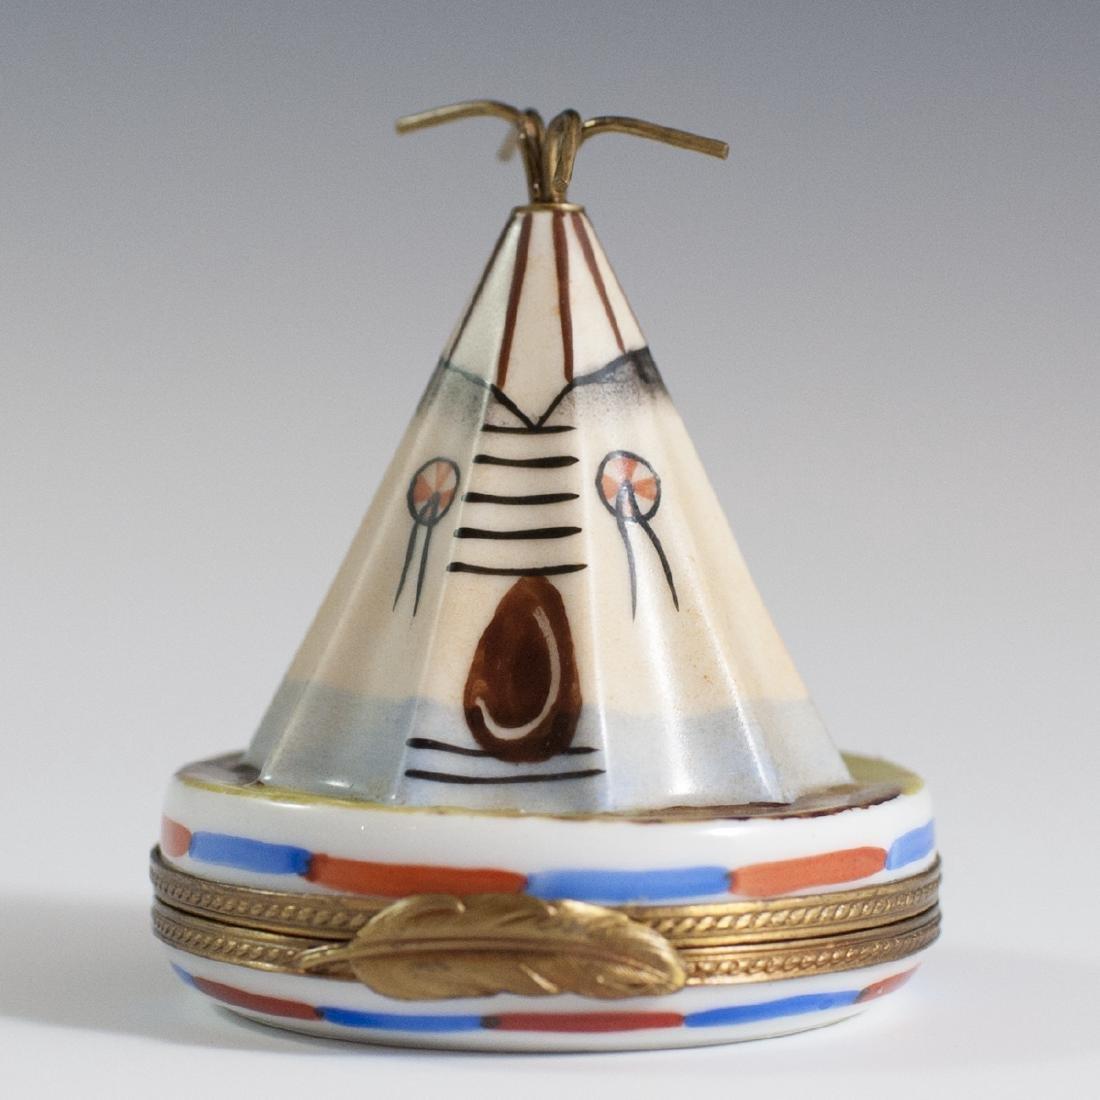 La Gloriette Limoges Porcelain Trinket Box